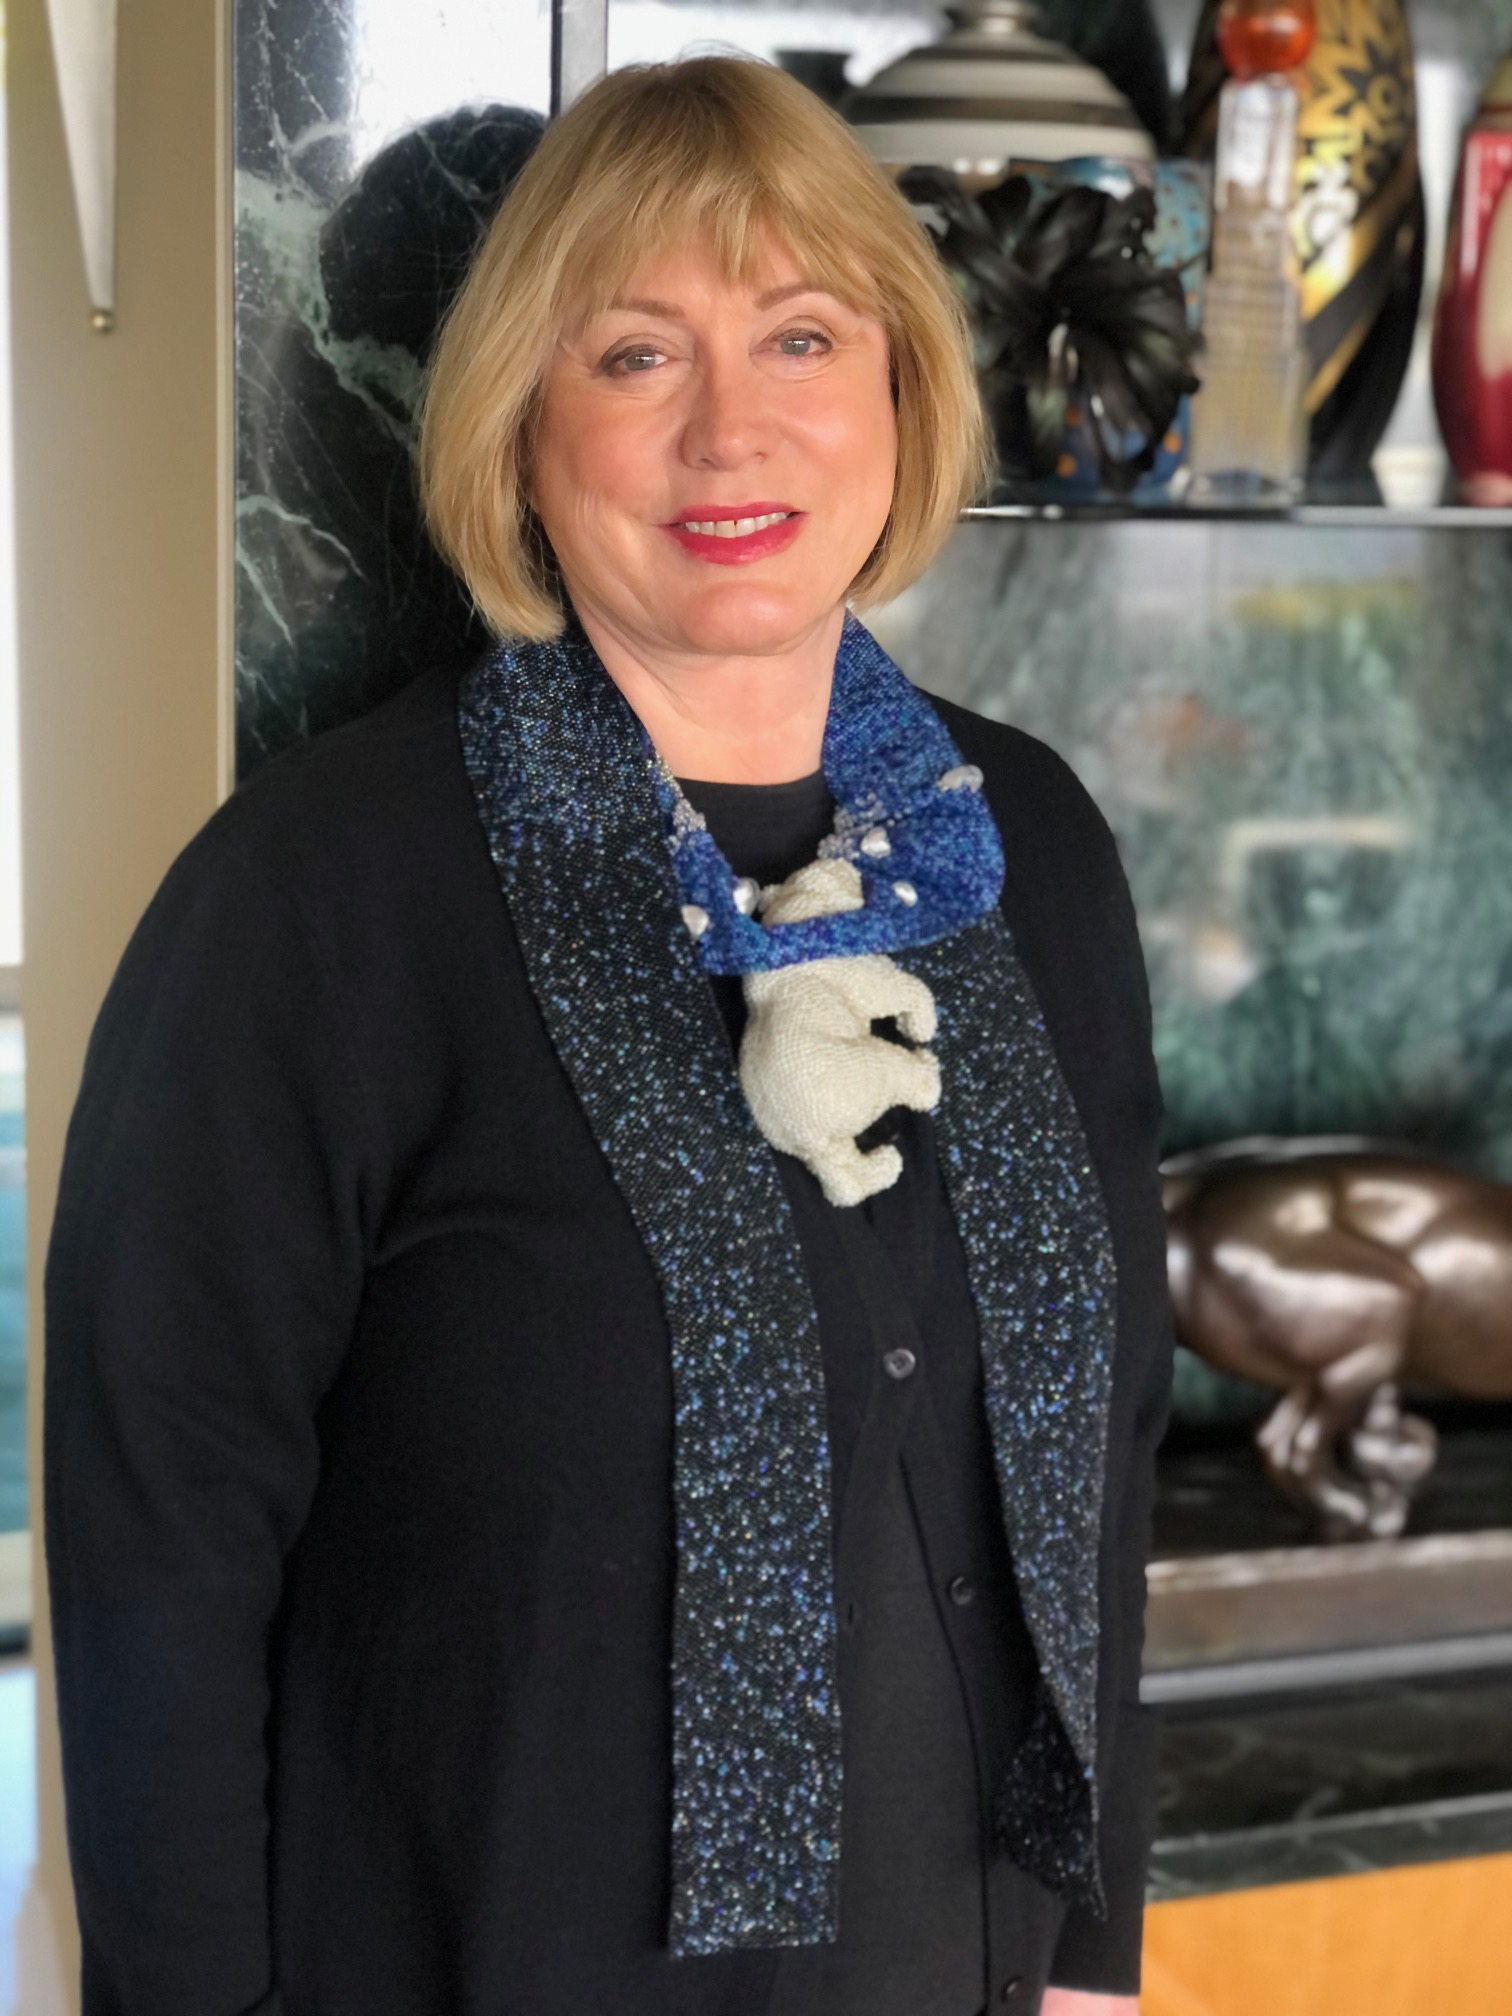 Susan Beech draagt Hopeless, halssieraad Sari Liimatta uit 2007, glaskralen, kunststof, portret